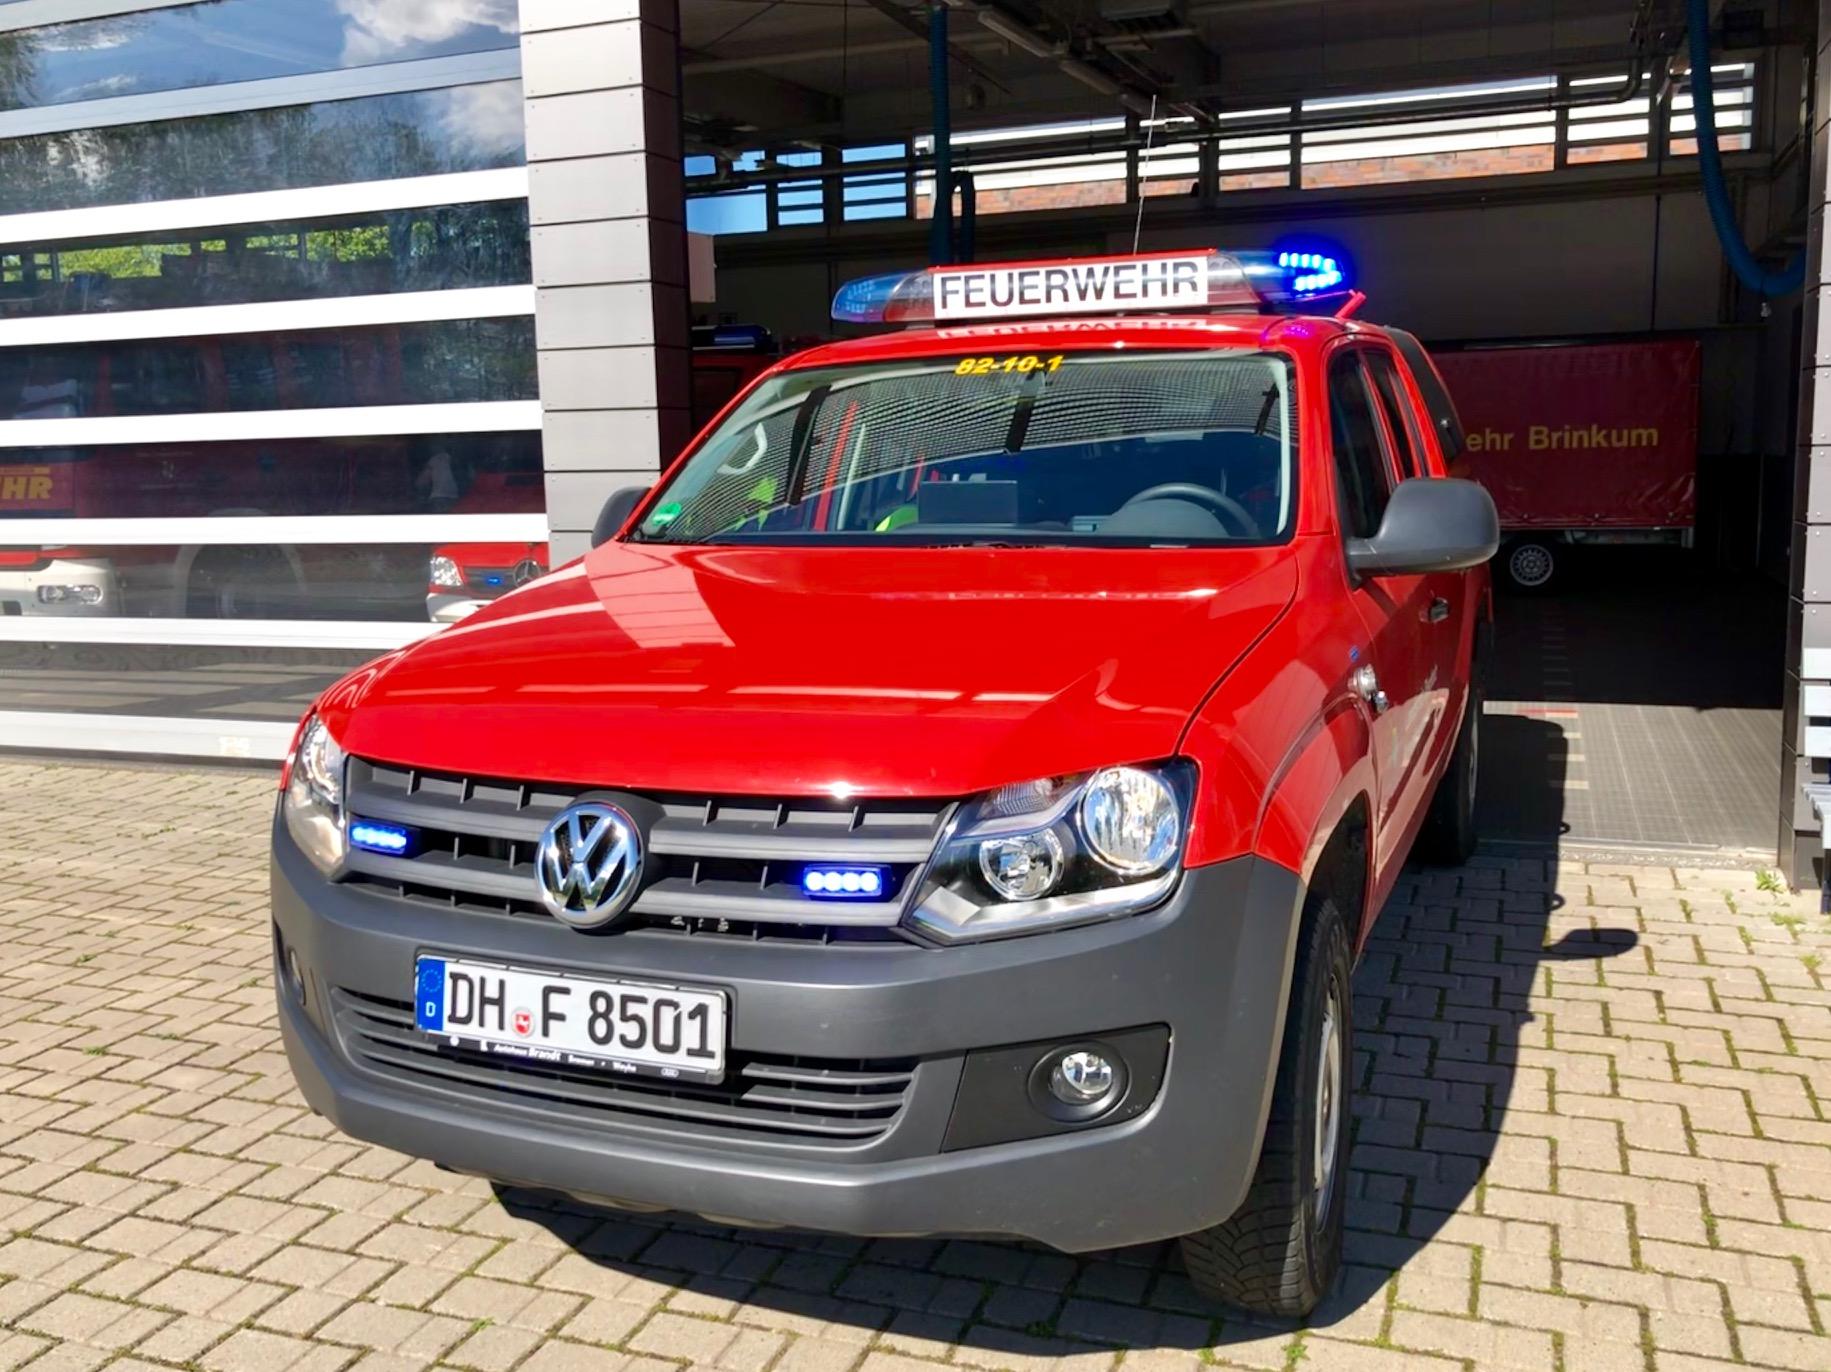 Technische Hilfeleistung - Notfall-Türöffnung